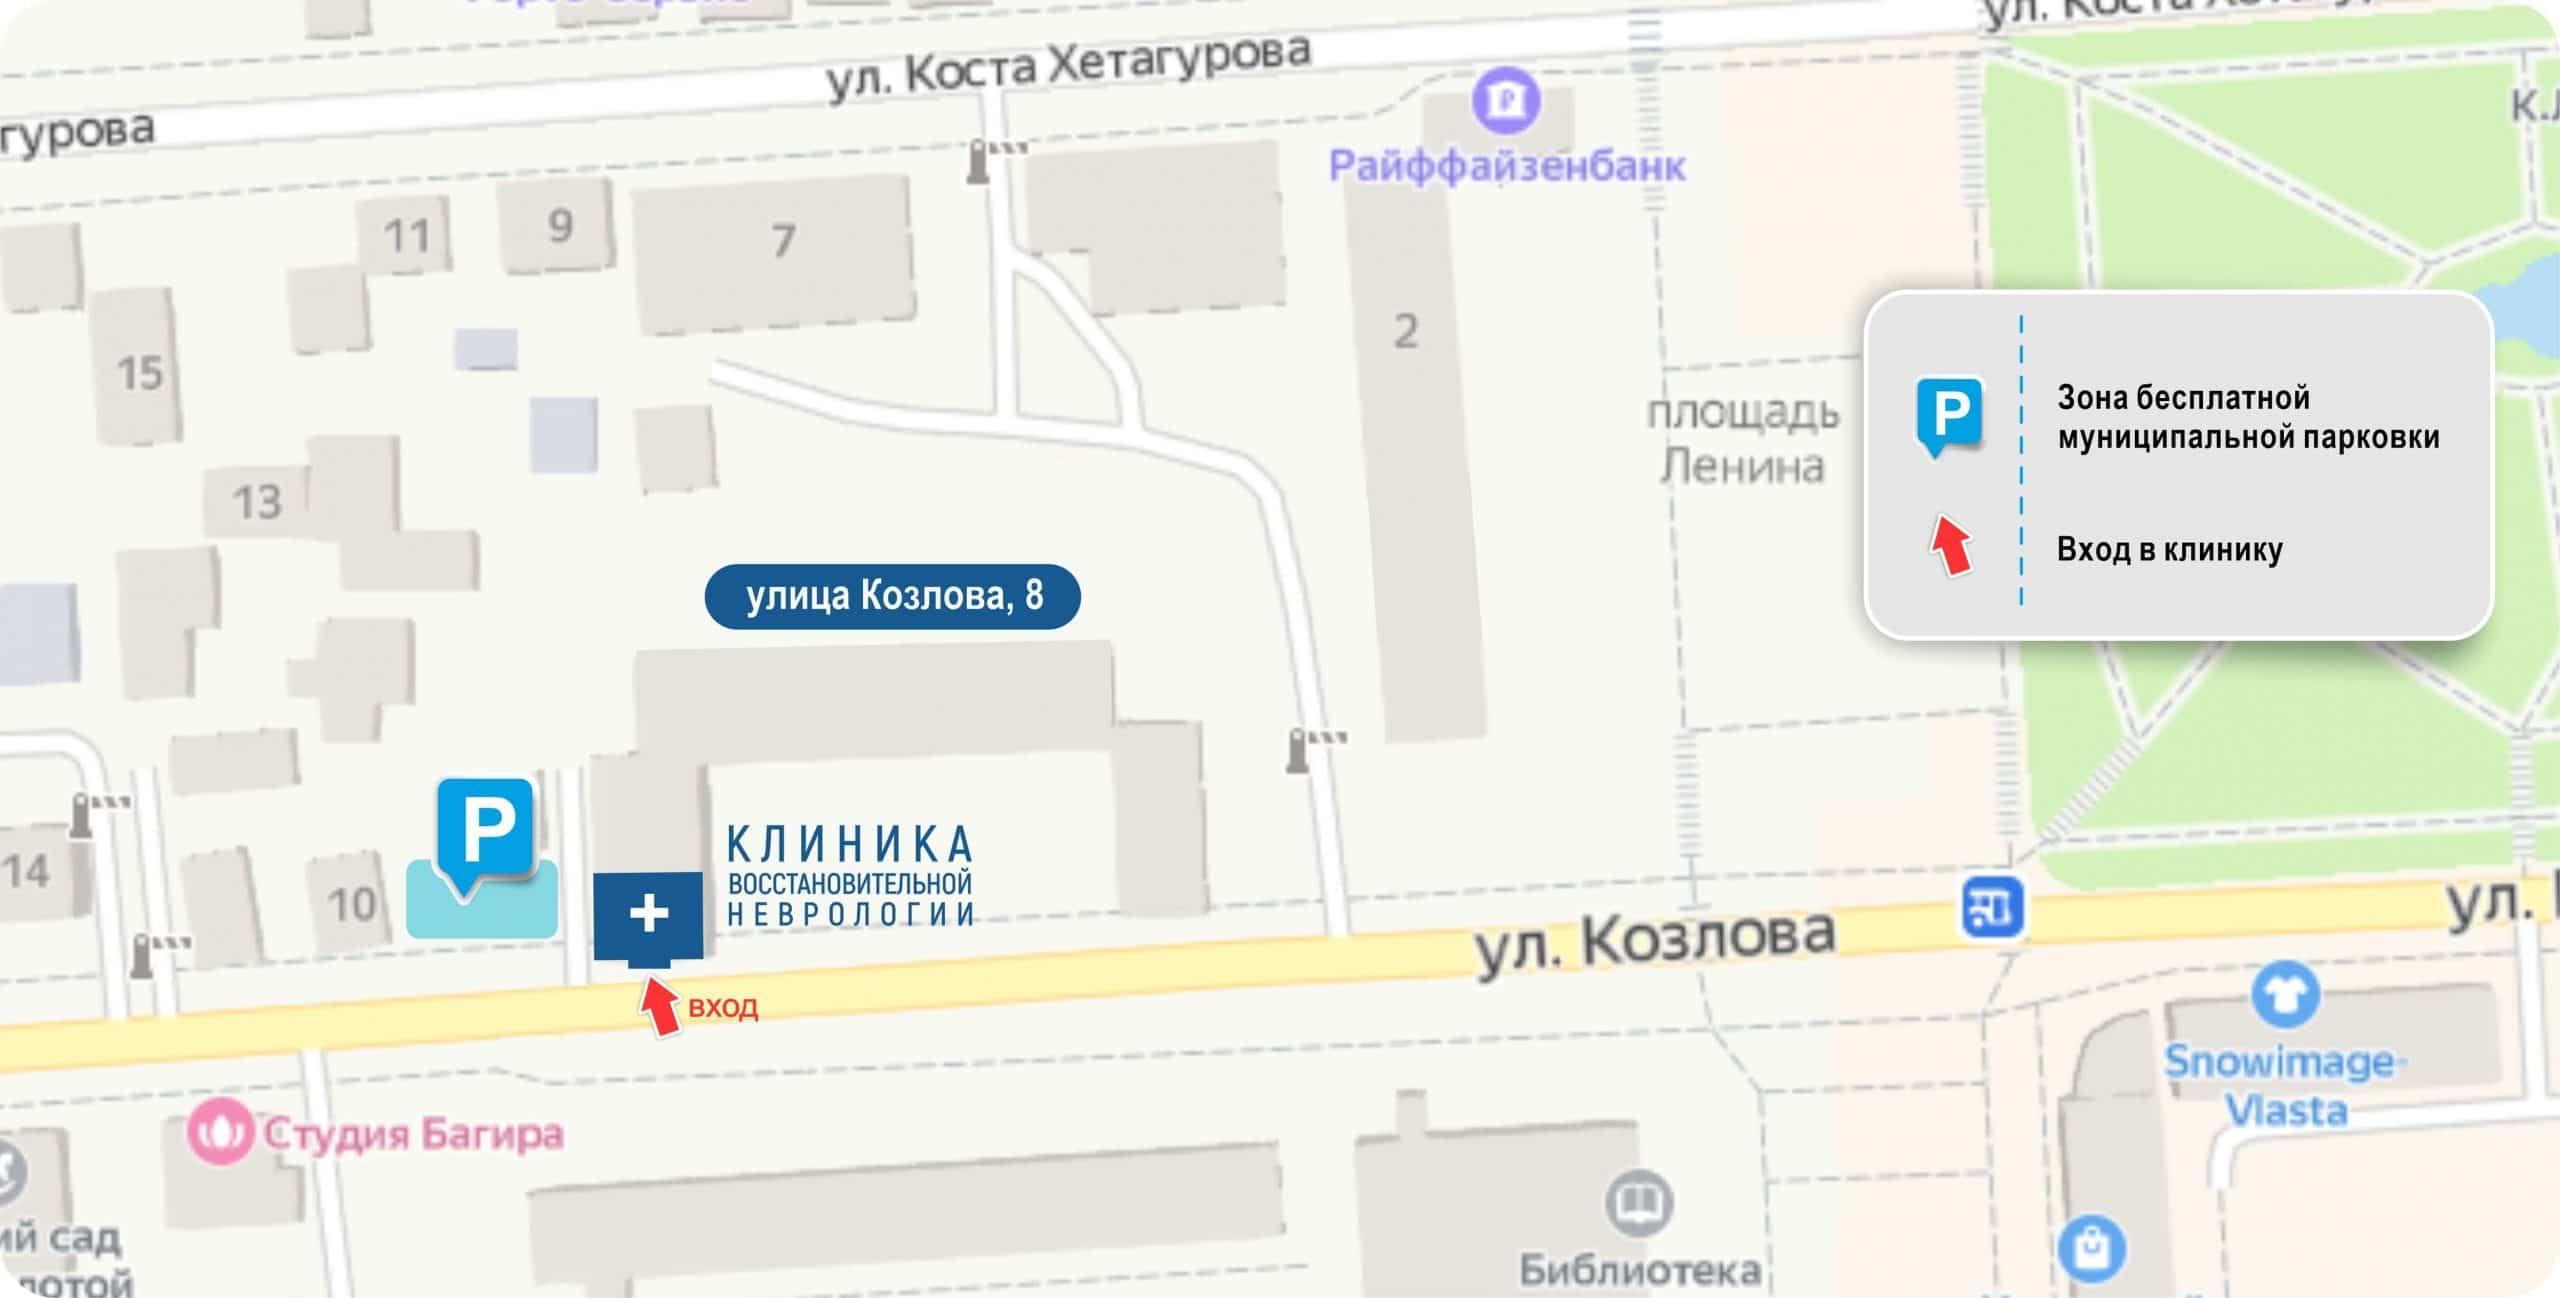 Расположение Клиники, Пятигорск